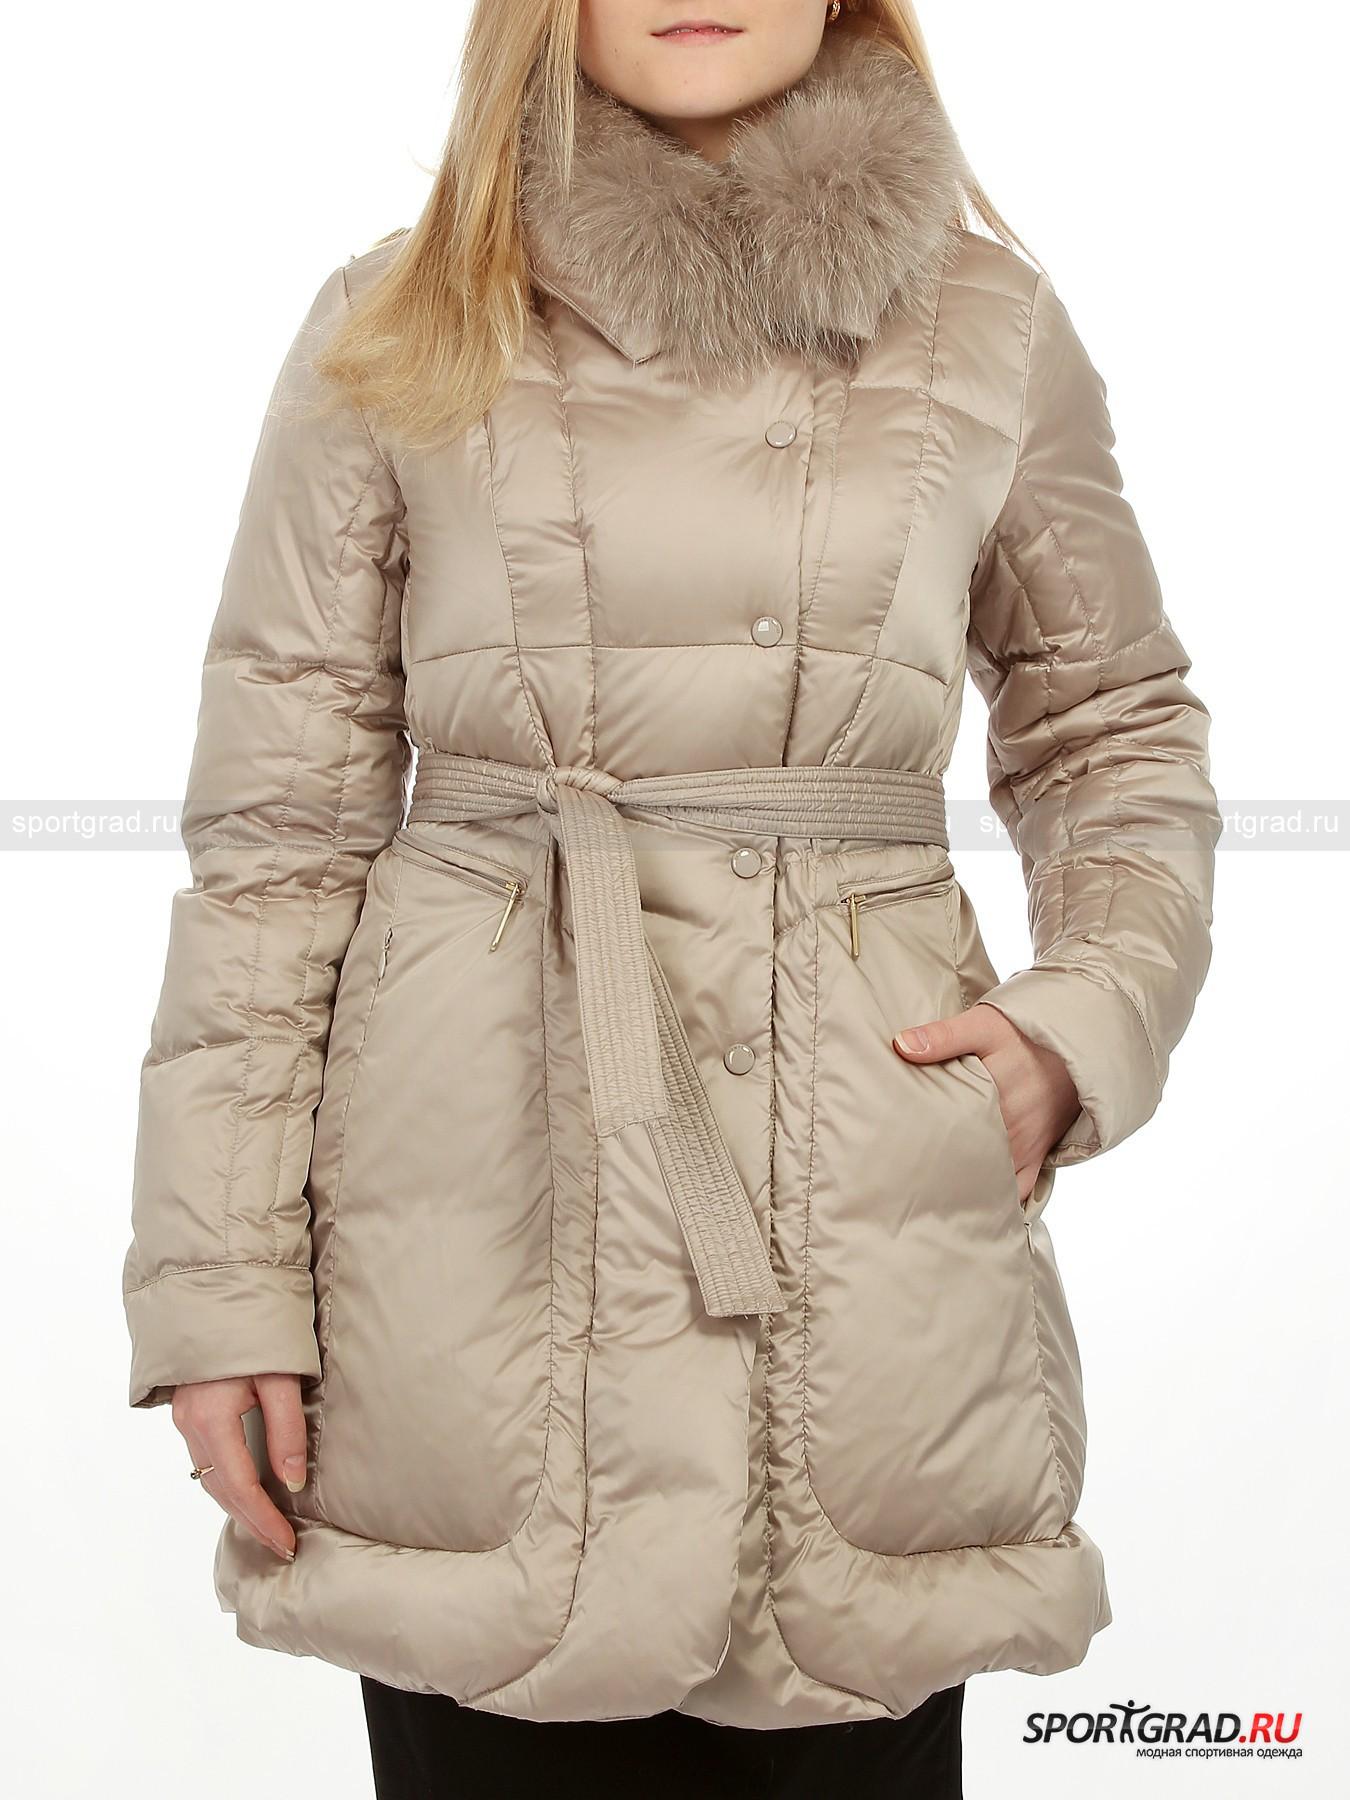 Пальто женское Tresor CINELLI STUDIO